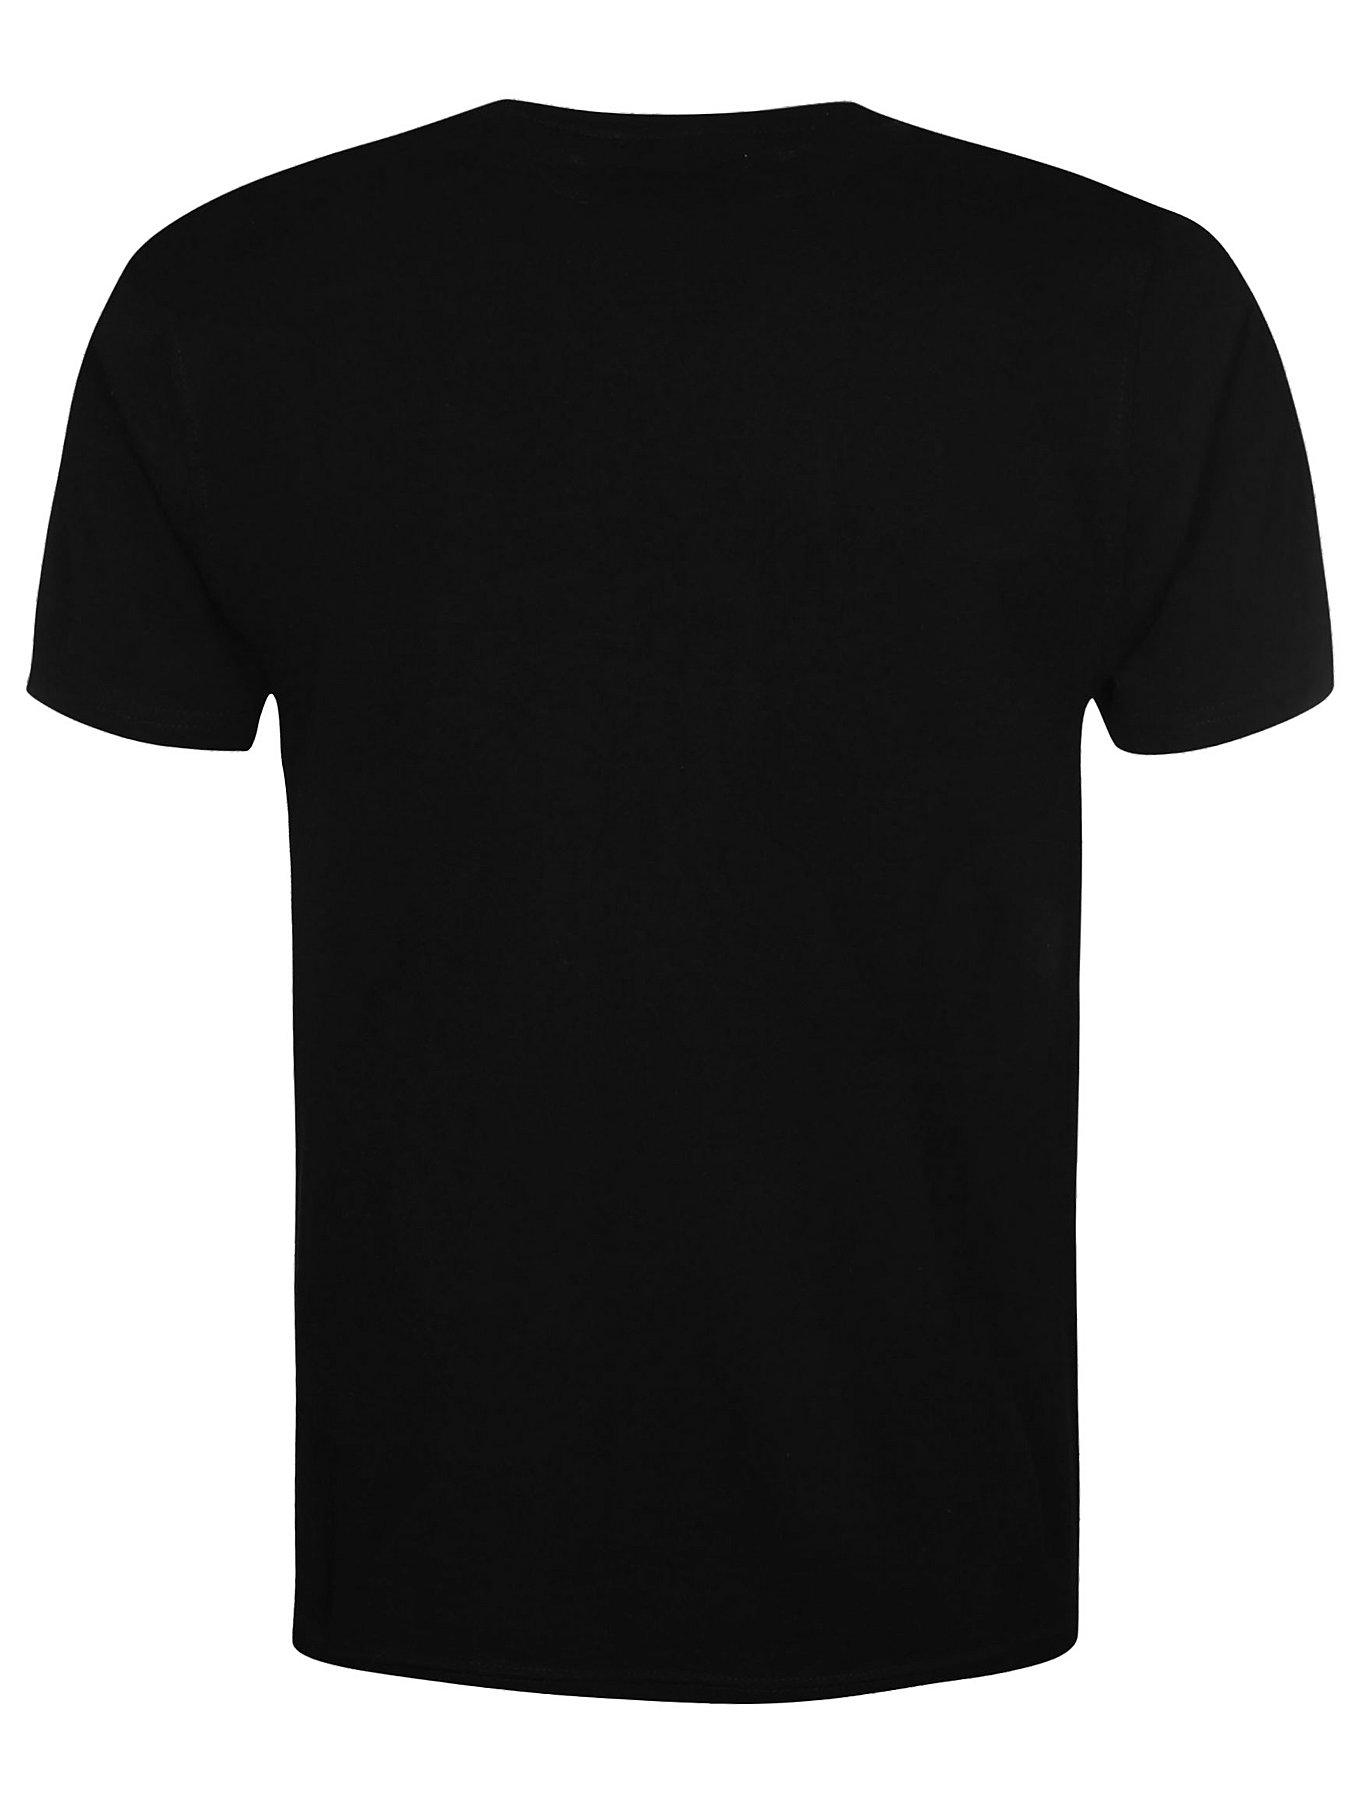 V-neck T-shirt - Black   Men   George at ASDA